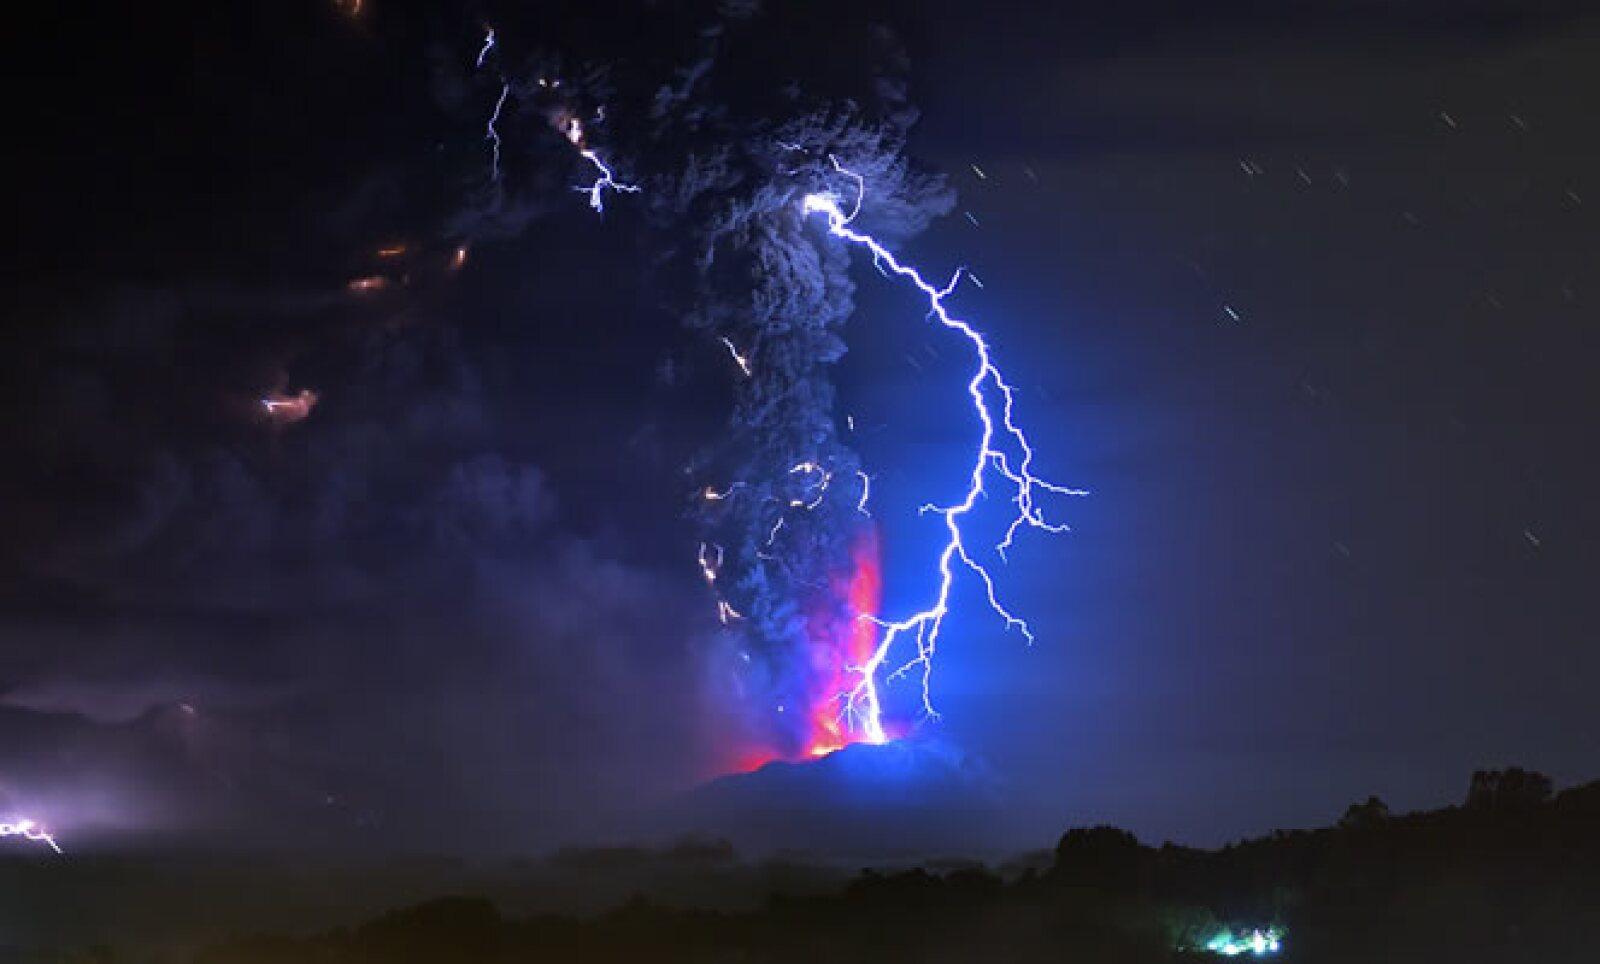 El volcán Calbuco, en el sur de Chile, registró dos violentas y sorpresivas erupciones entre el miércoles y el jueves, obligando a evacuar a casi 5,000 personas.